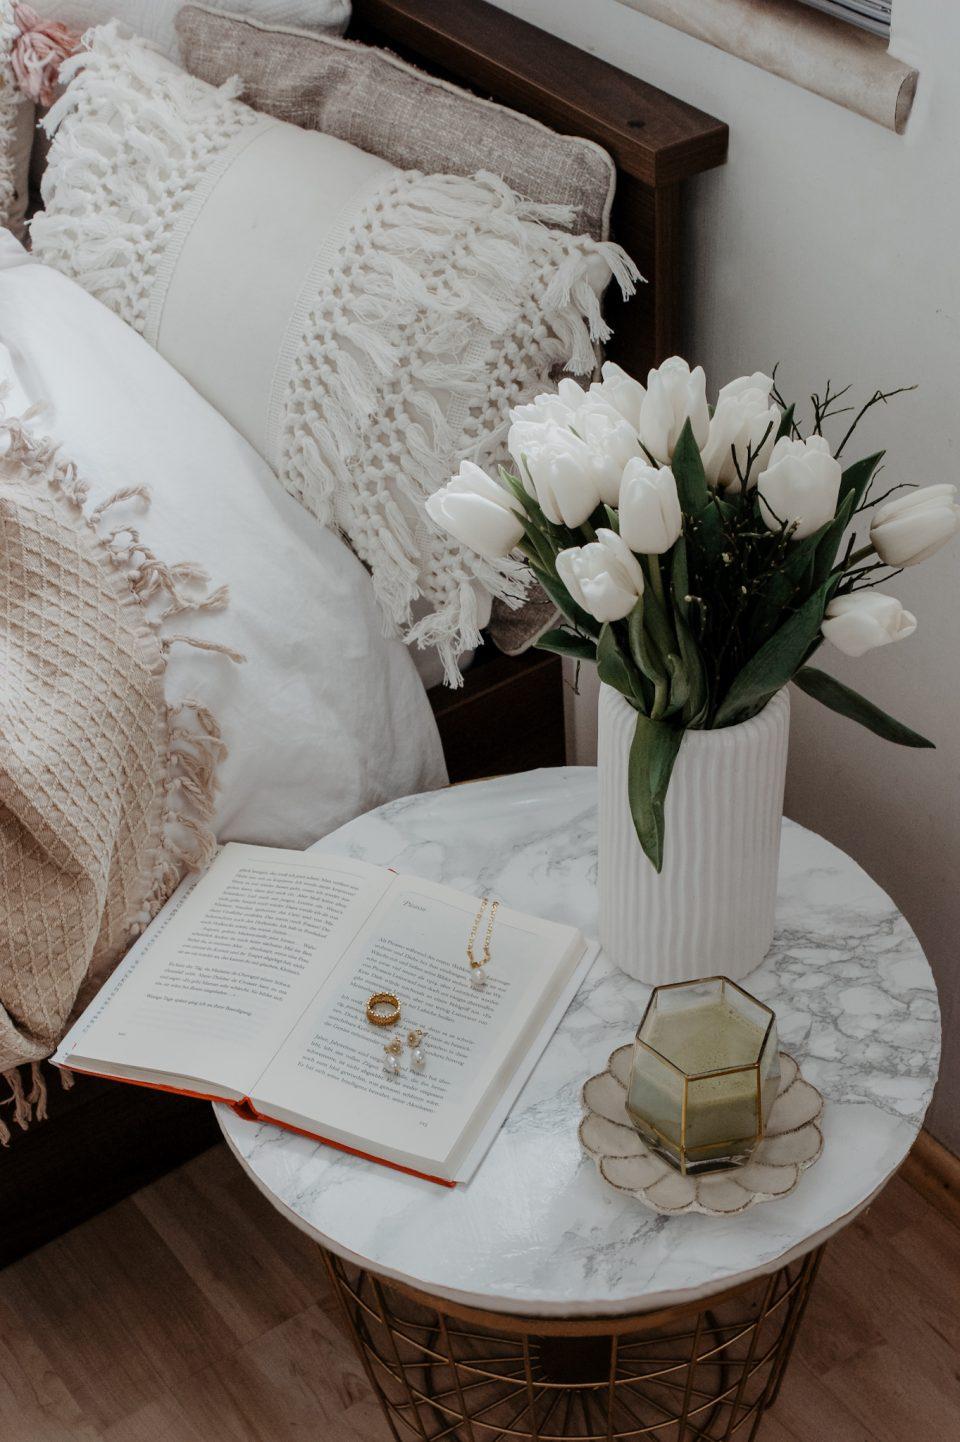 Welche Vase für welche Blumen